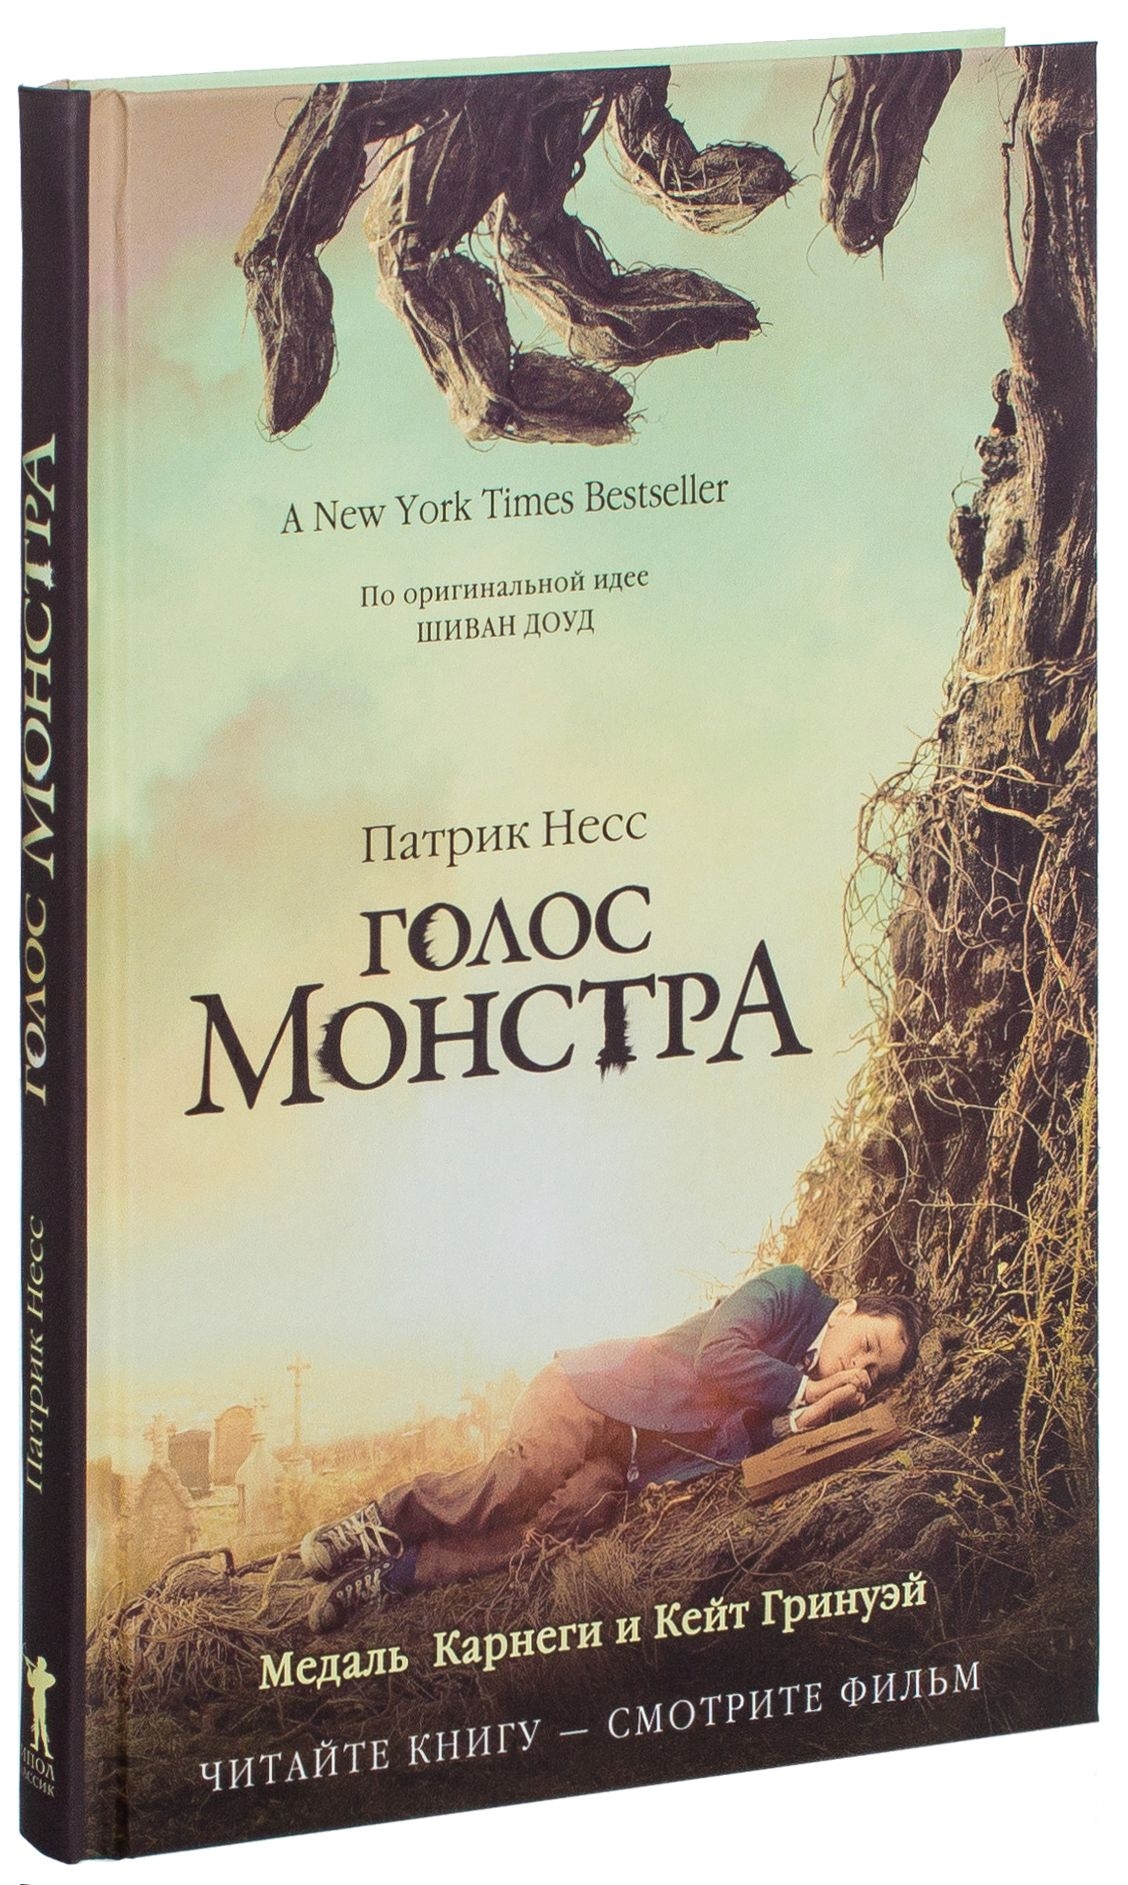 Голос монстра — Патрик Несс